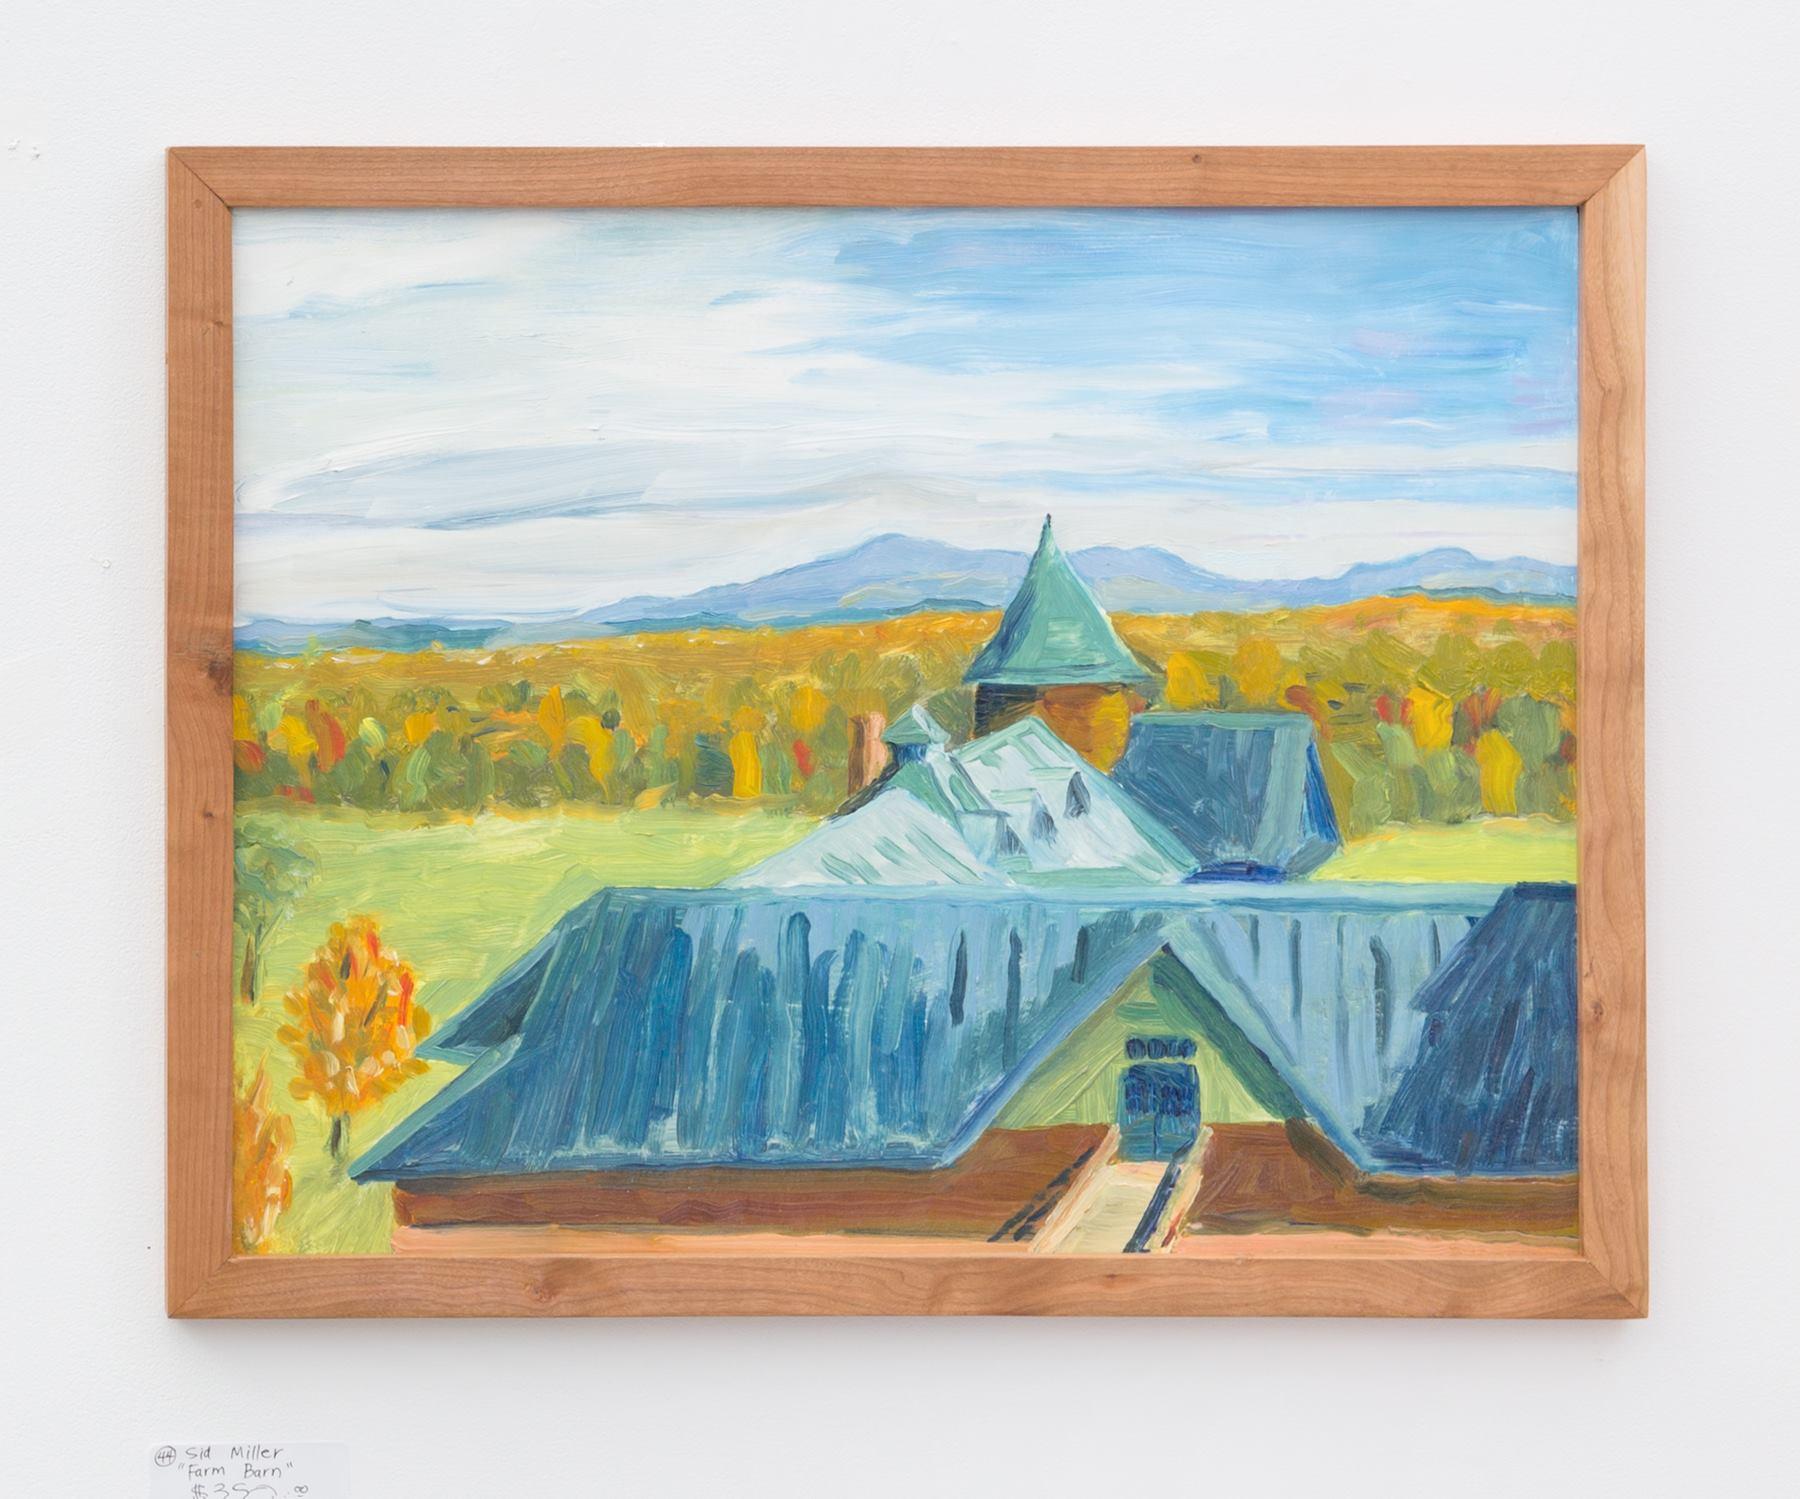 """Sid Miller - """"Farm Barn"""" For Sale: $350"""